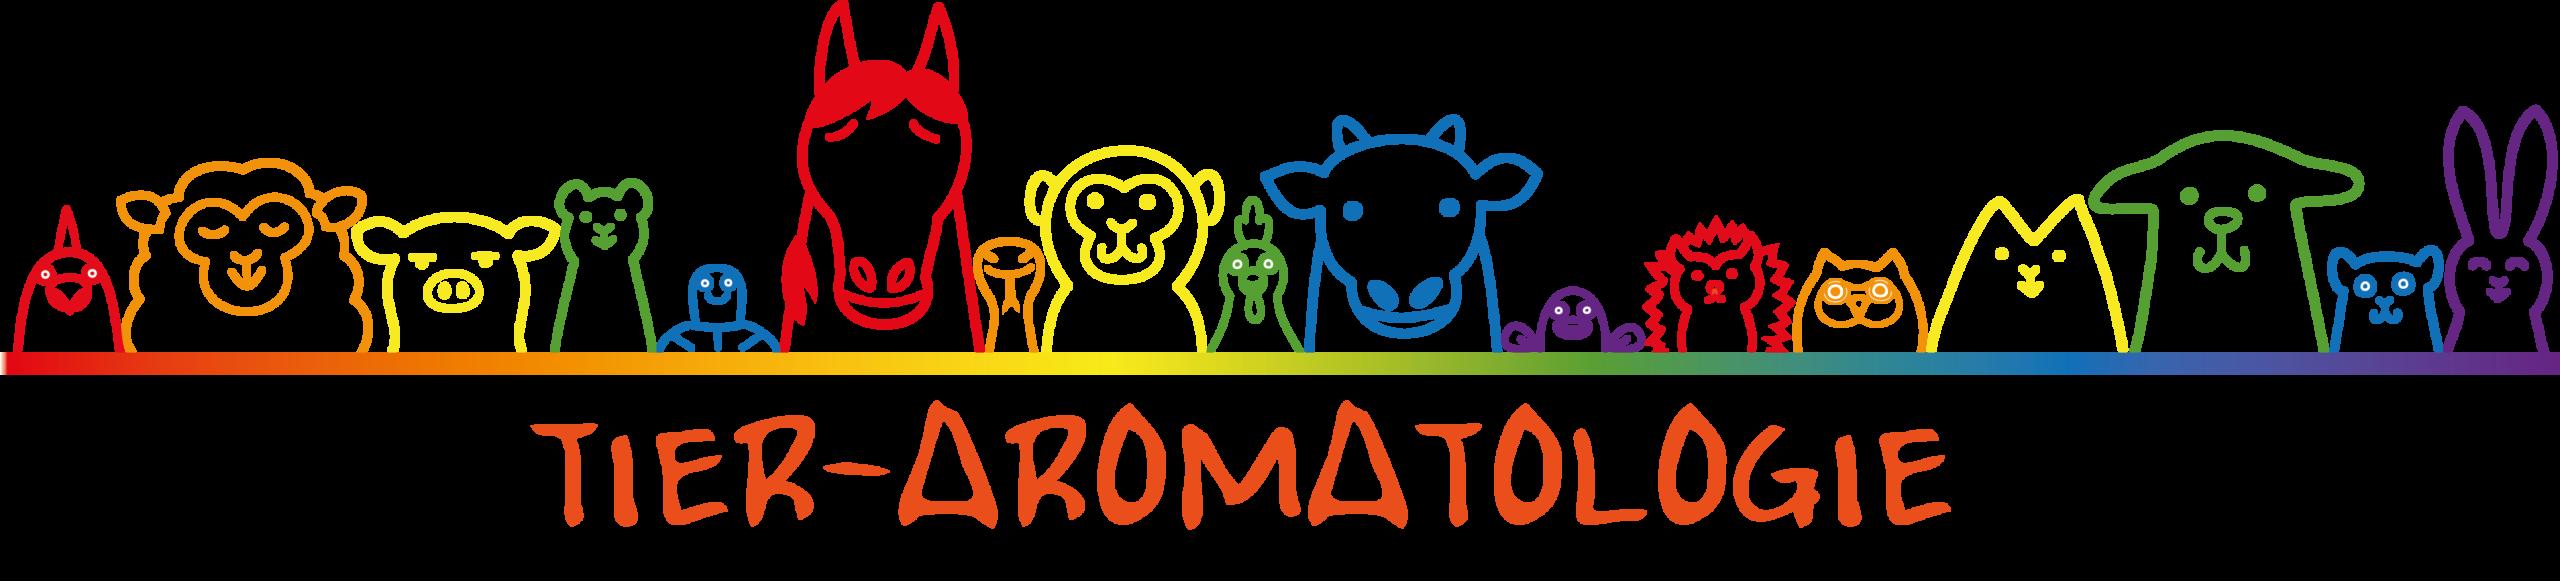 Tier-Aromatologie